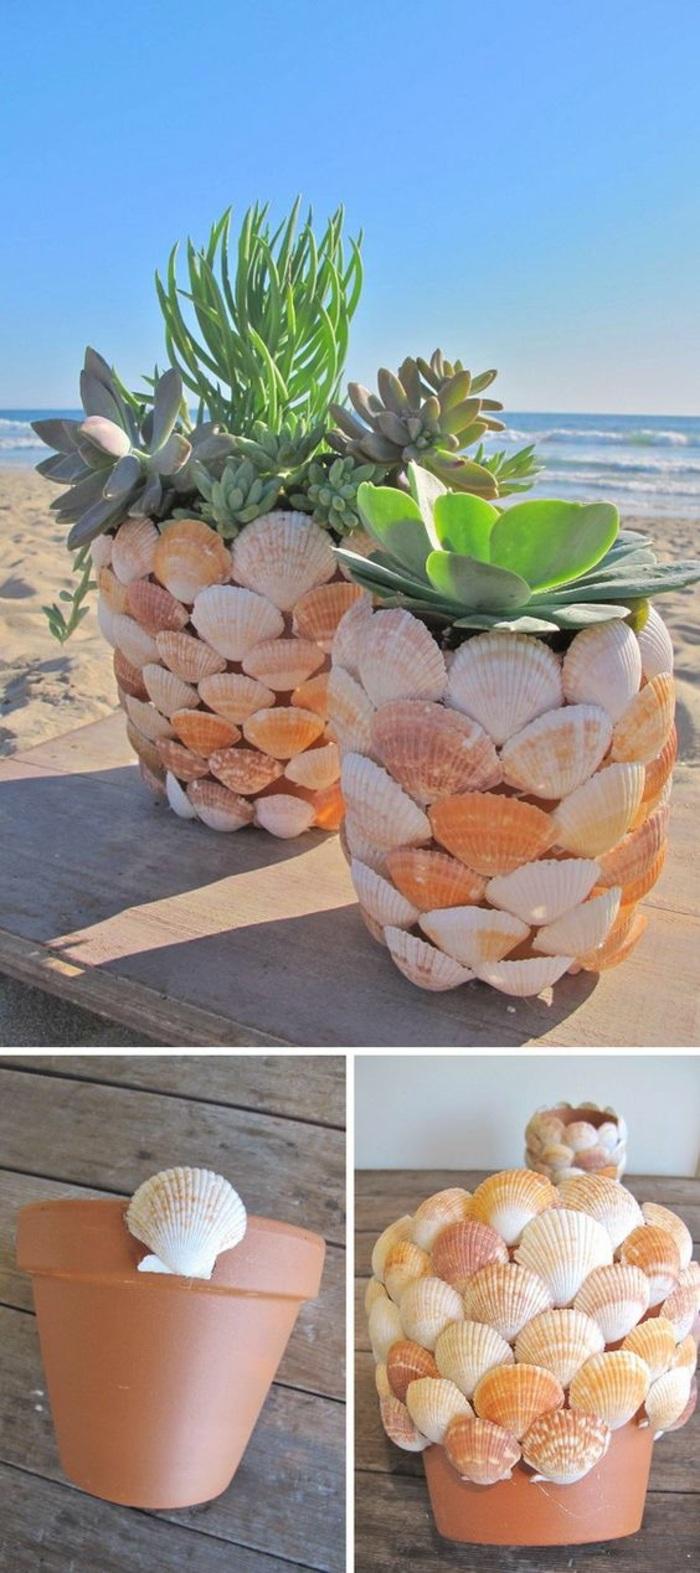 activité manuelle ado, idée comment décorer un pot fleur avec coquillage, idée que faire avec coquillages, objet déco jardin